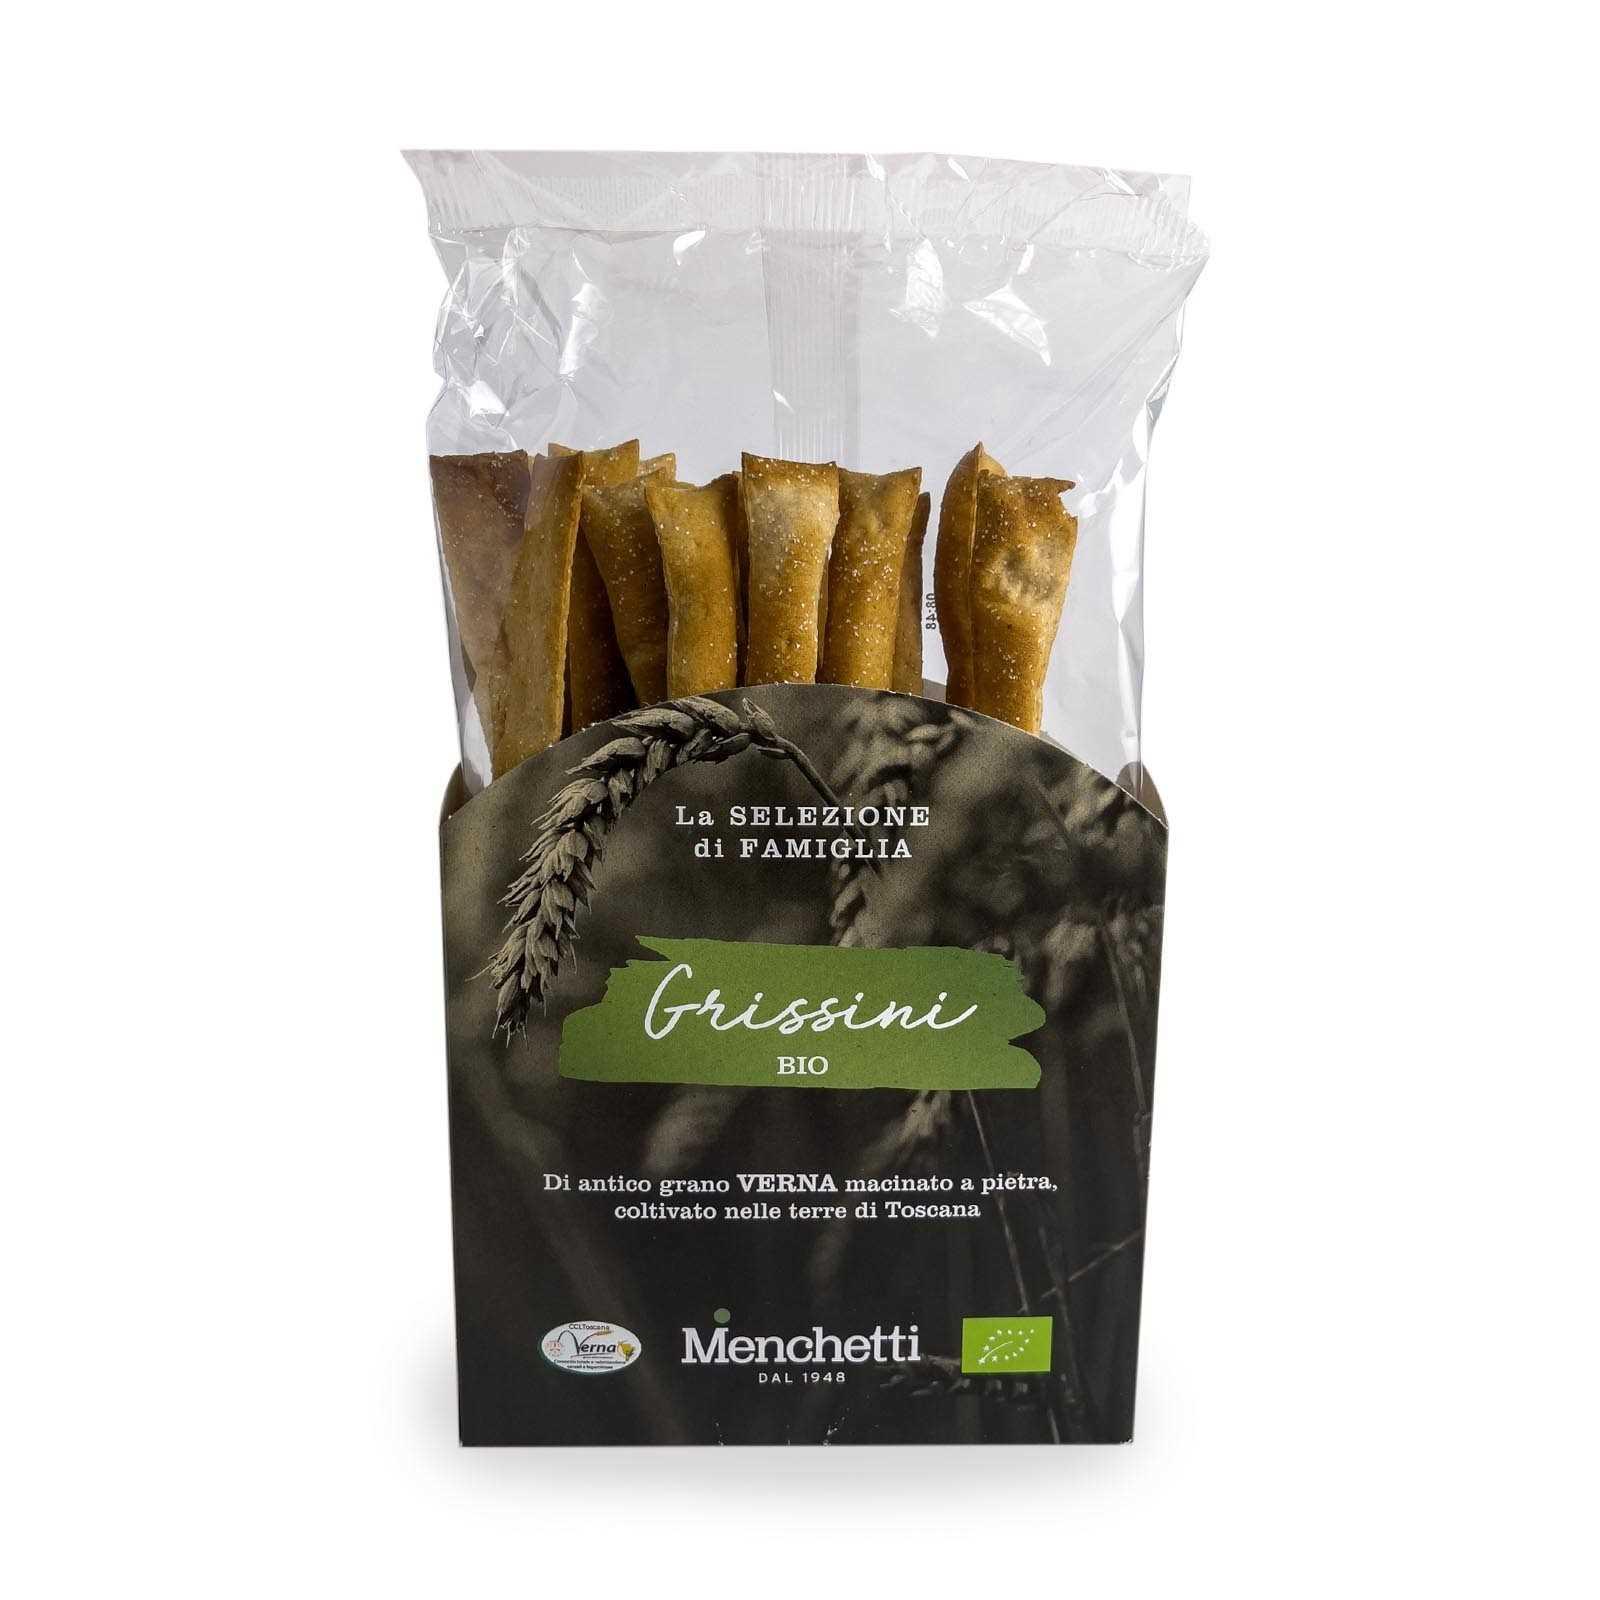 Toskanische Grissini mit Weichweizenmehl Typ 1 - Verna-Sorte, in der Toskana angebaut, geerntet und gemahlen - Stein gemahlen mit nativem Olivenöl extra (5%).